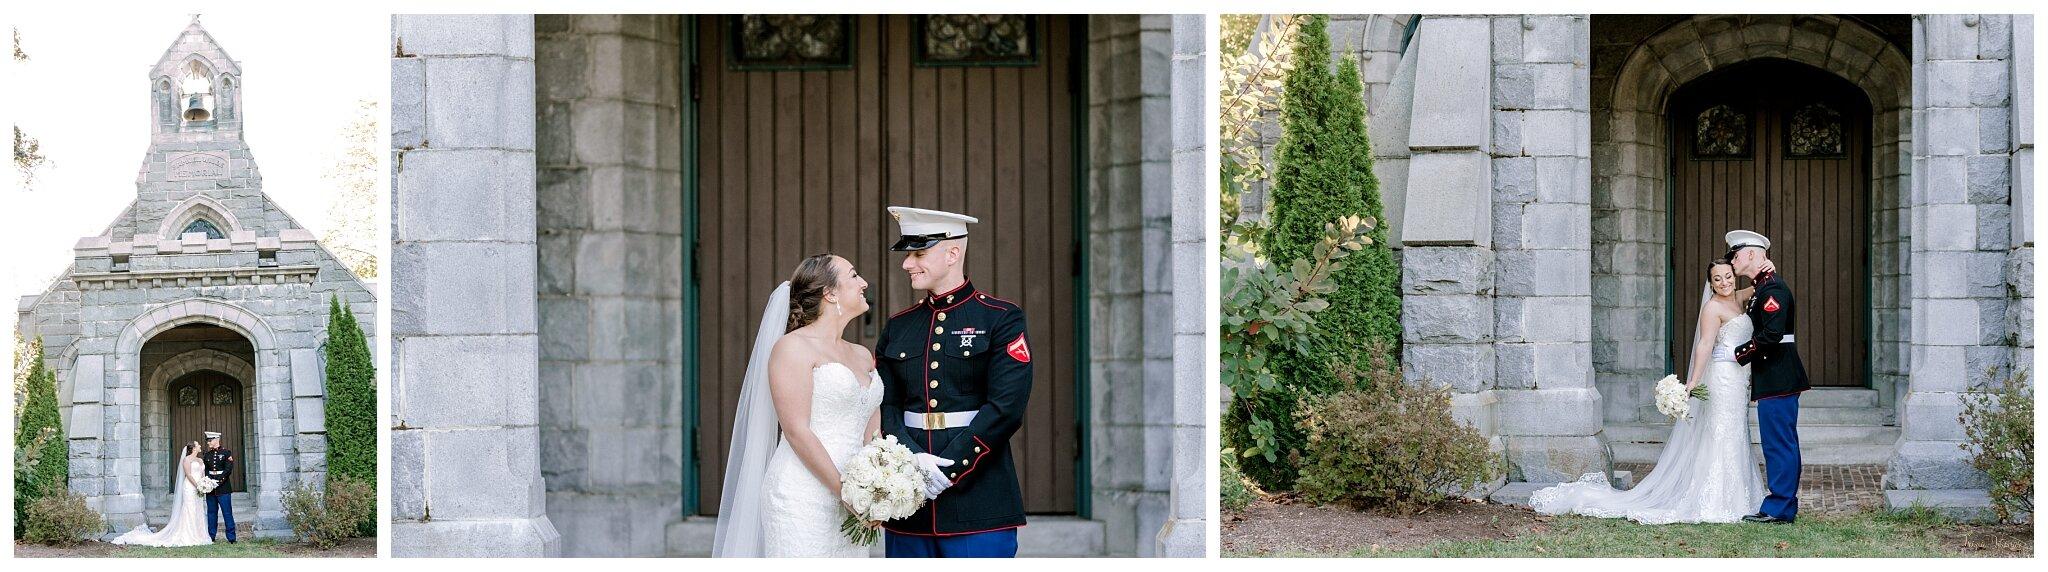 Samuel Wilde Memorial Chapel Portland Maine Wedding